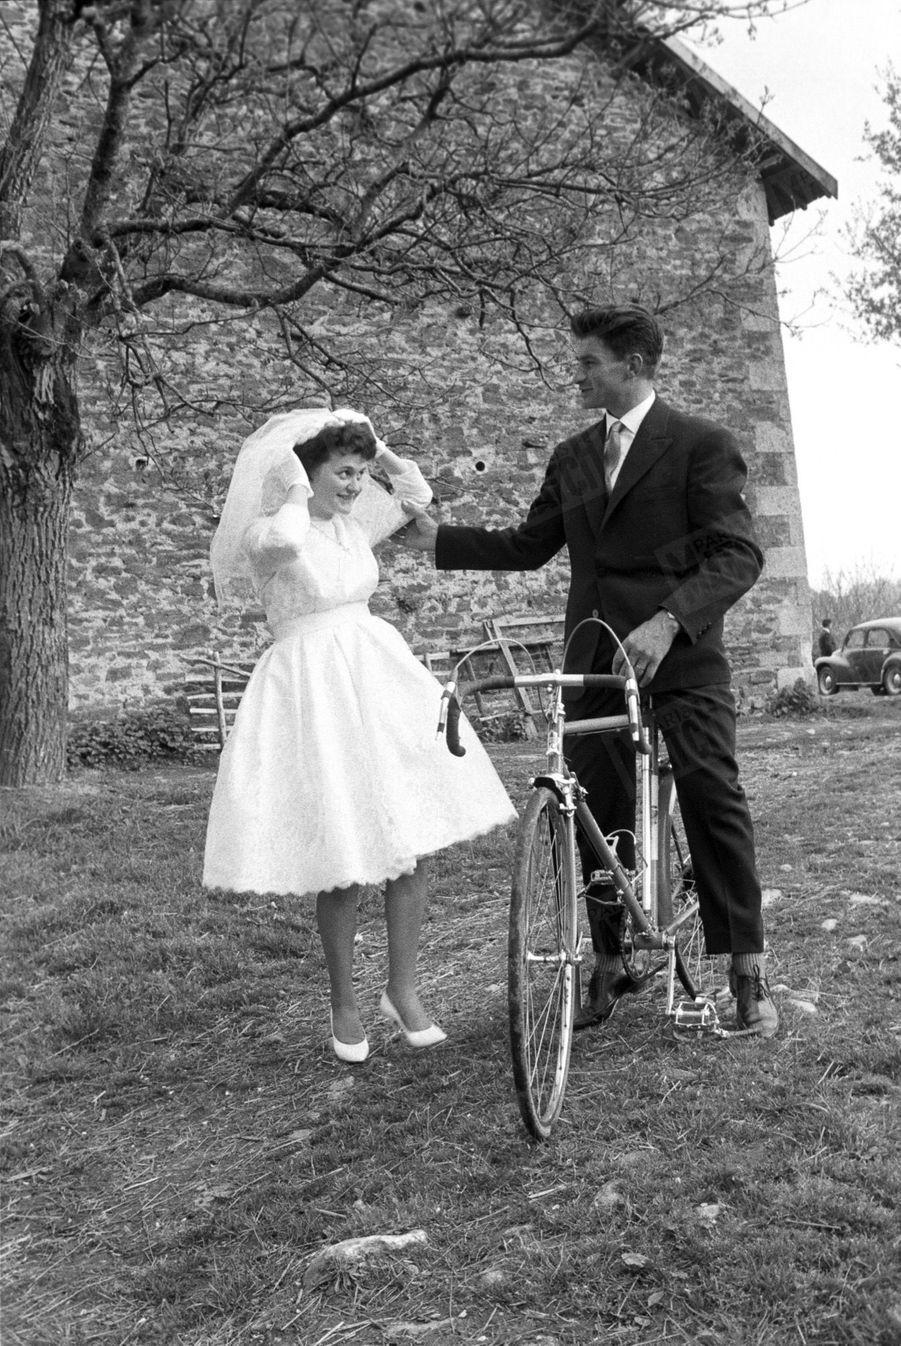 « Même pour la promenade d'amoureux sur le sentier du bonheur, Raymond n'oublie pas sa bicyclette, gage de la prospérité du ménage. » - Paris Match n°629, 29 avril 1961